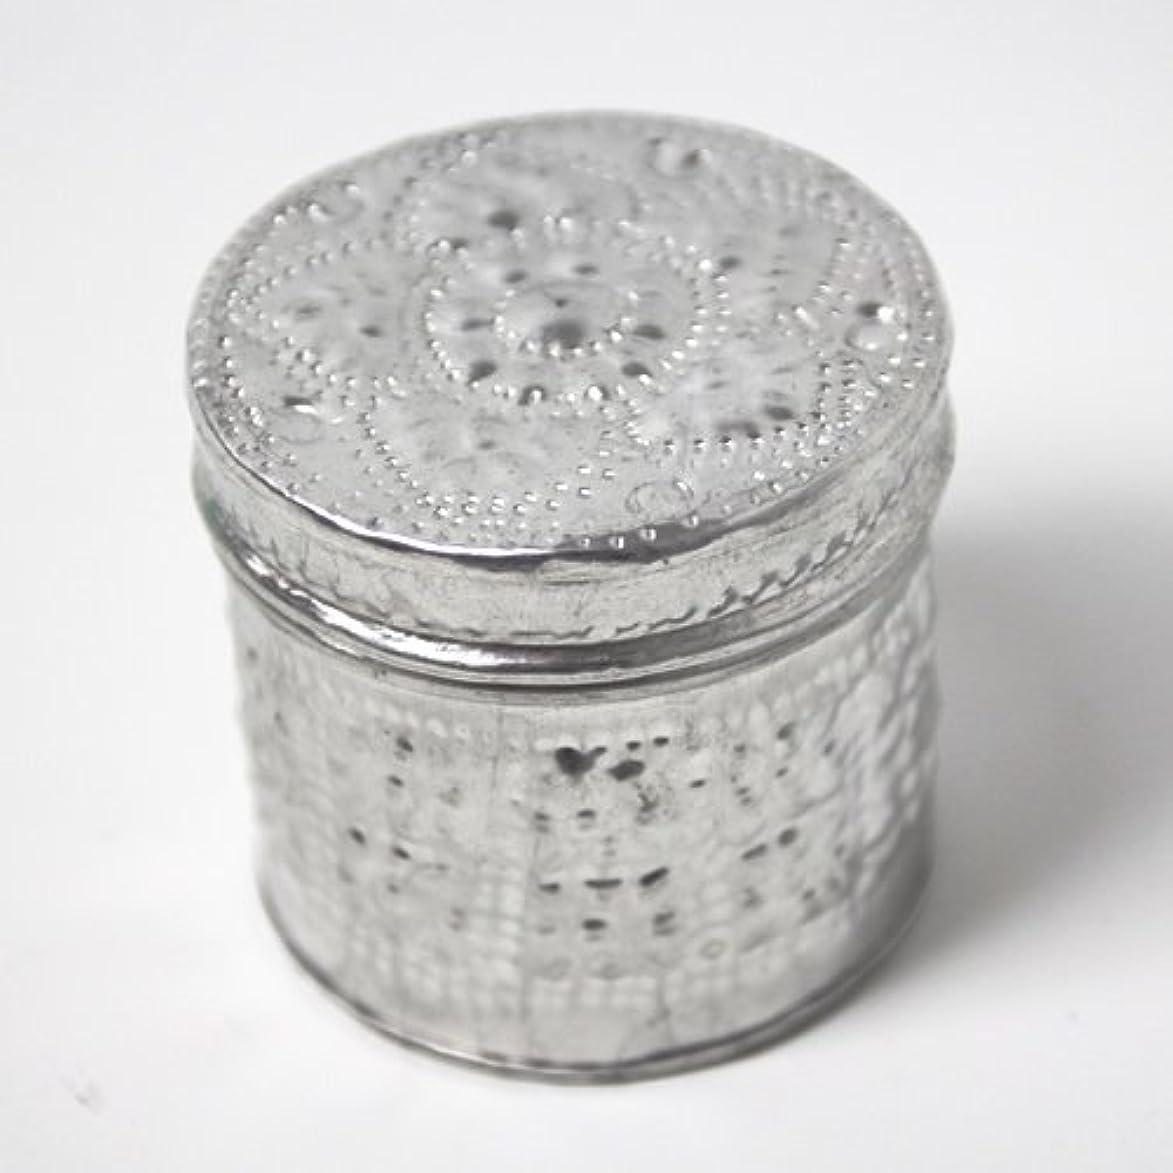 異なるほうきツインアルミアートのボックスにはいったアロマキャンドル?円柱